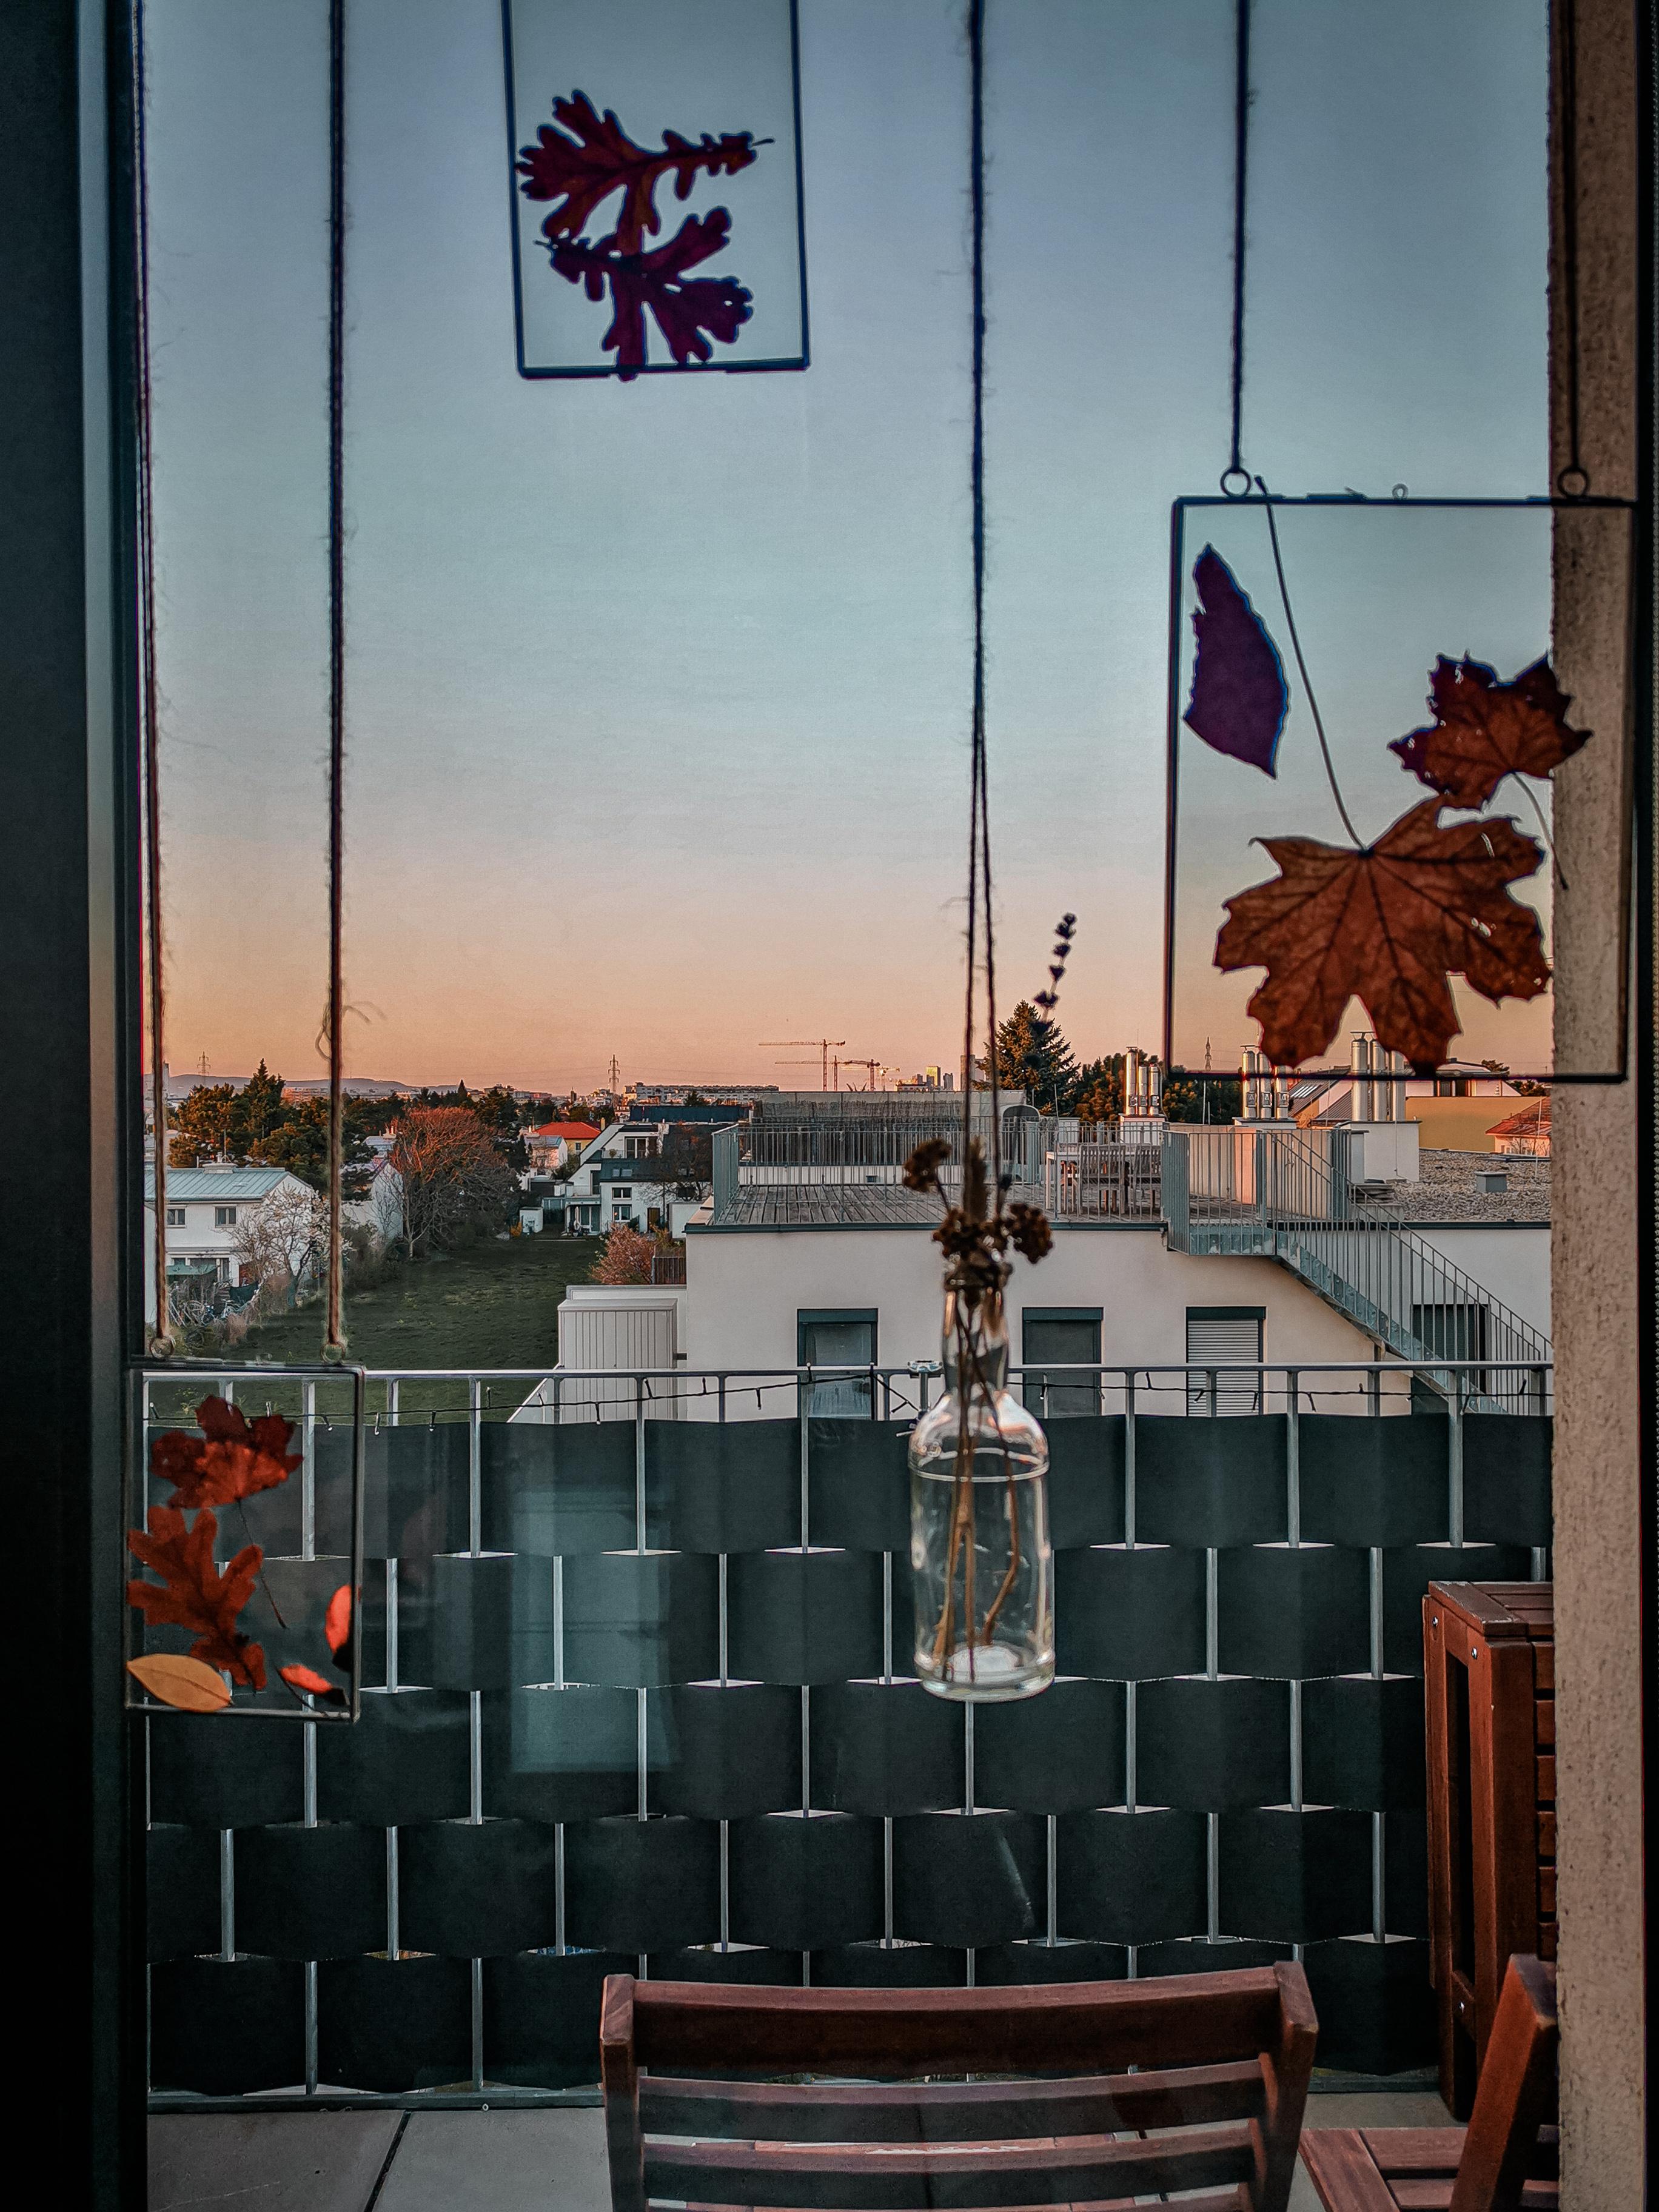 IMG 20200407 191506 2 - Botanische Fensterdekoration: Herbarium statt Gardinen